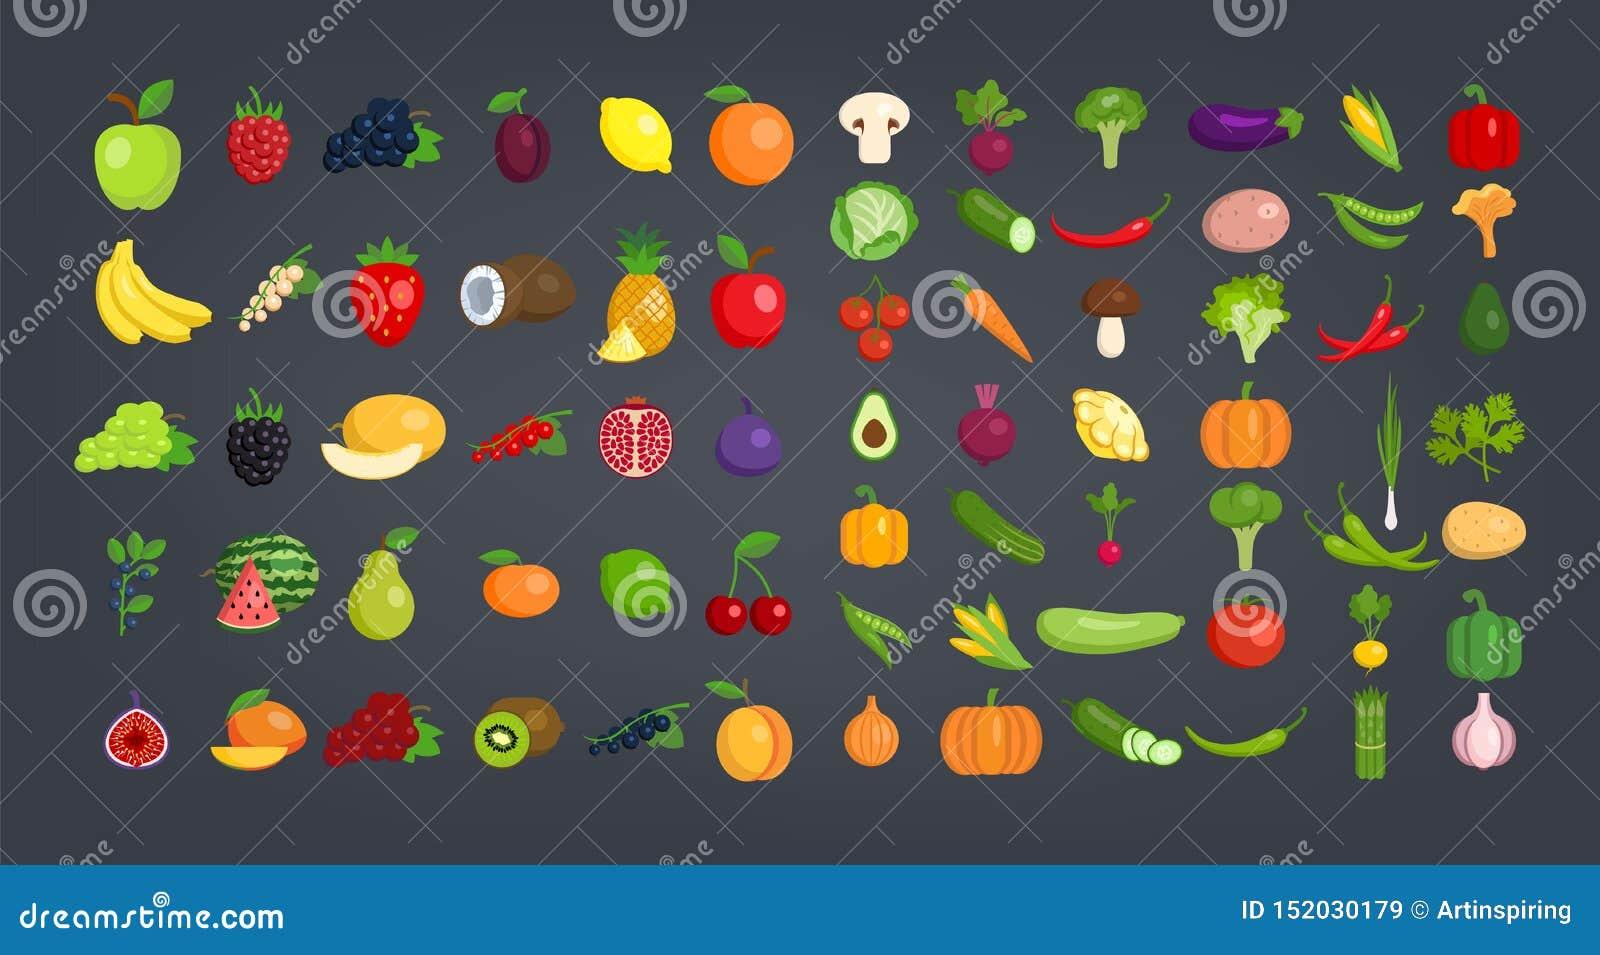 Большой набор фруктов и овощей